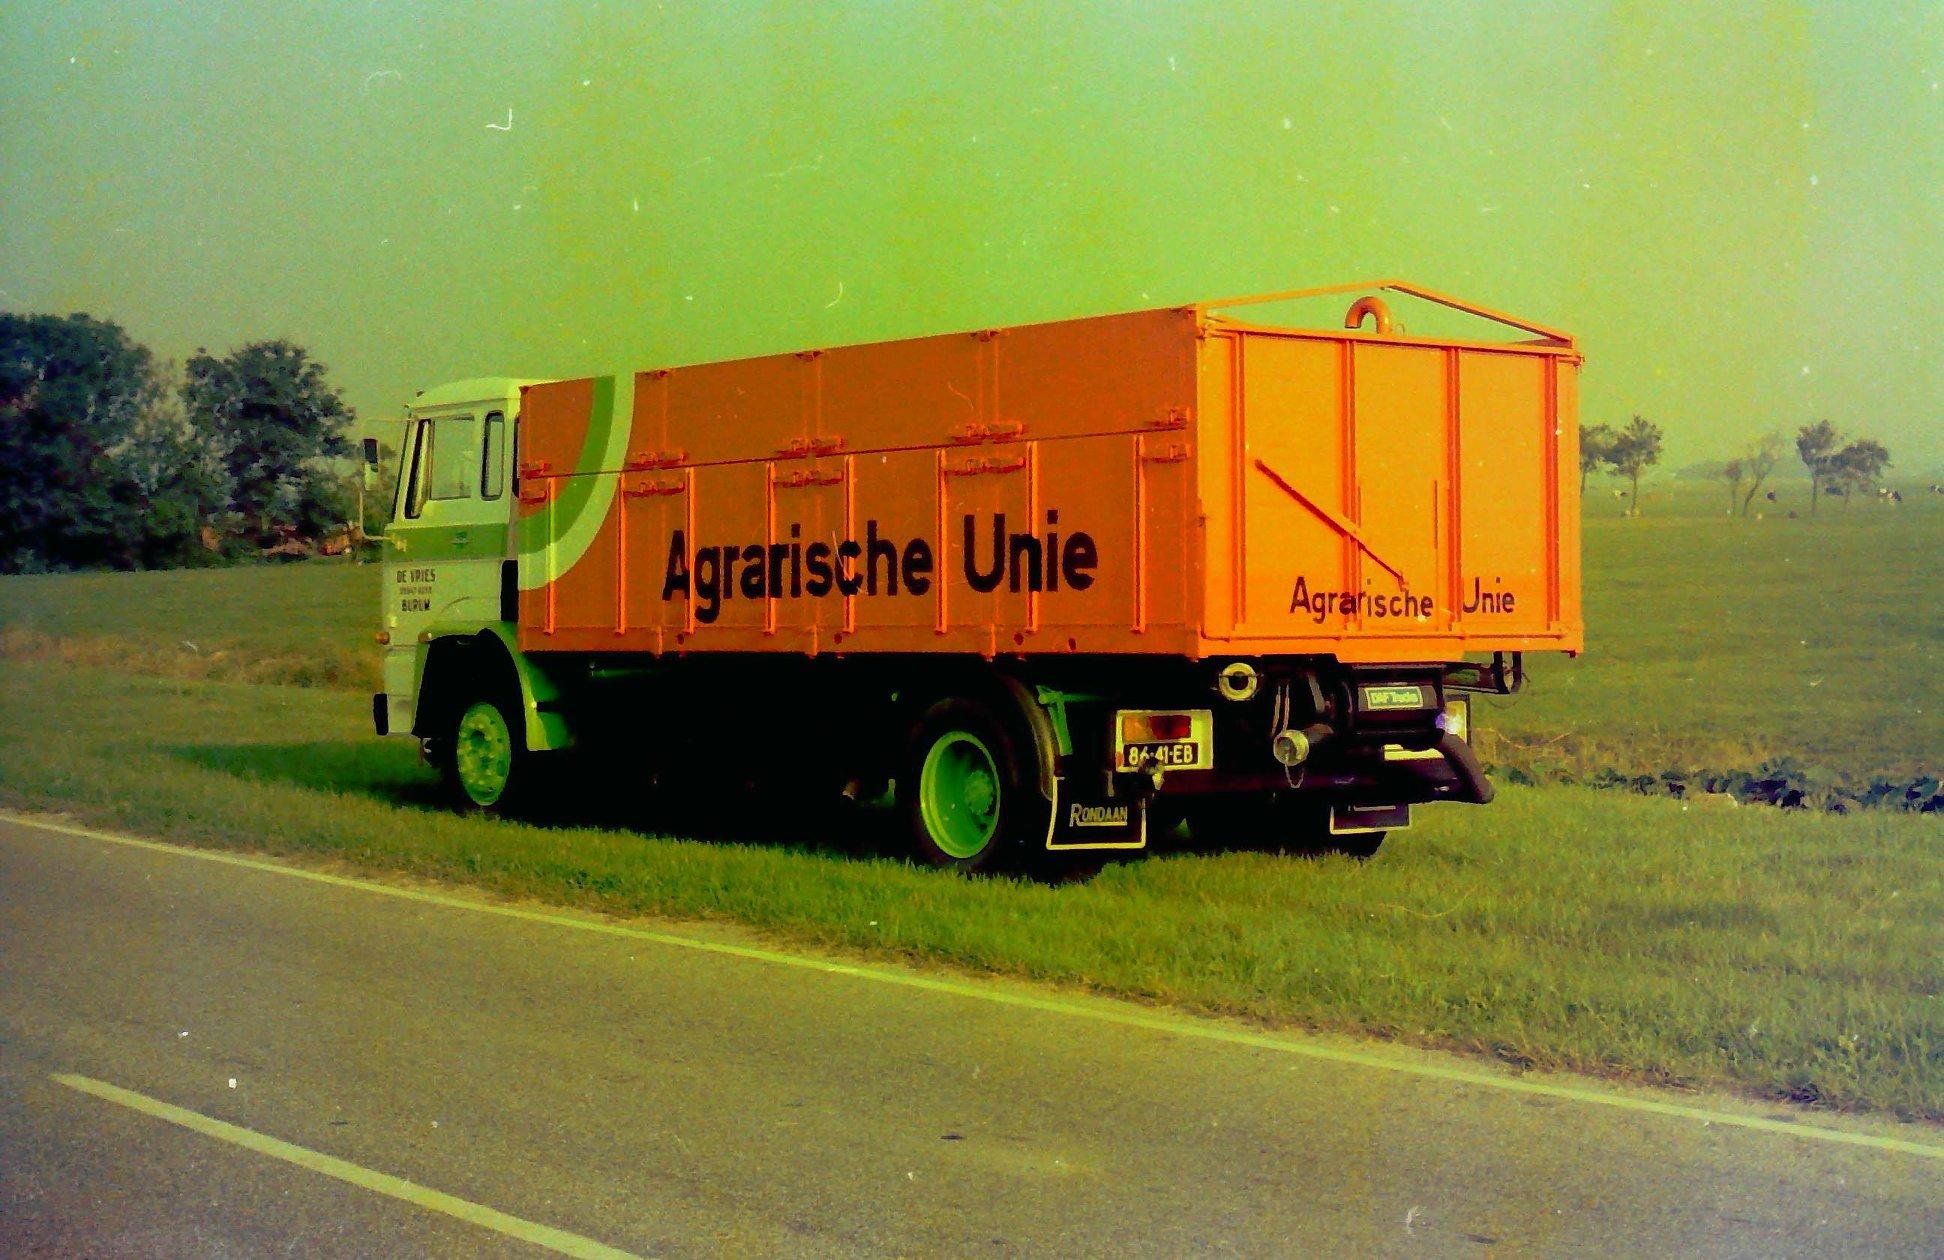 Bulkauto-gebouwd-door-Rondaan-voor-De-Vries-uit-Burum-rijdend-voor-de-Agrarische-Unie-4